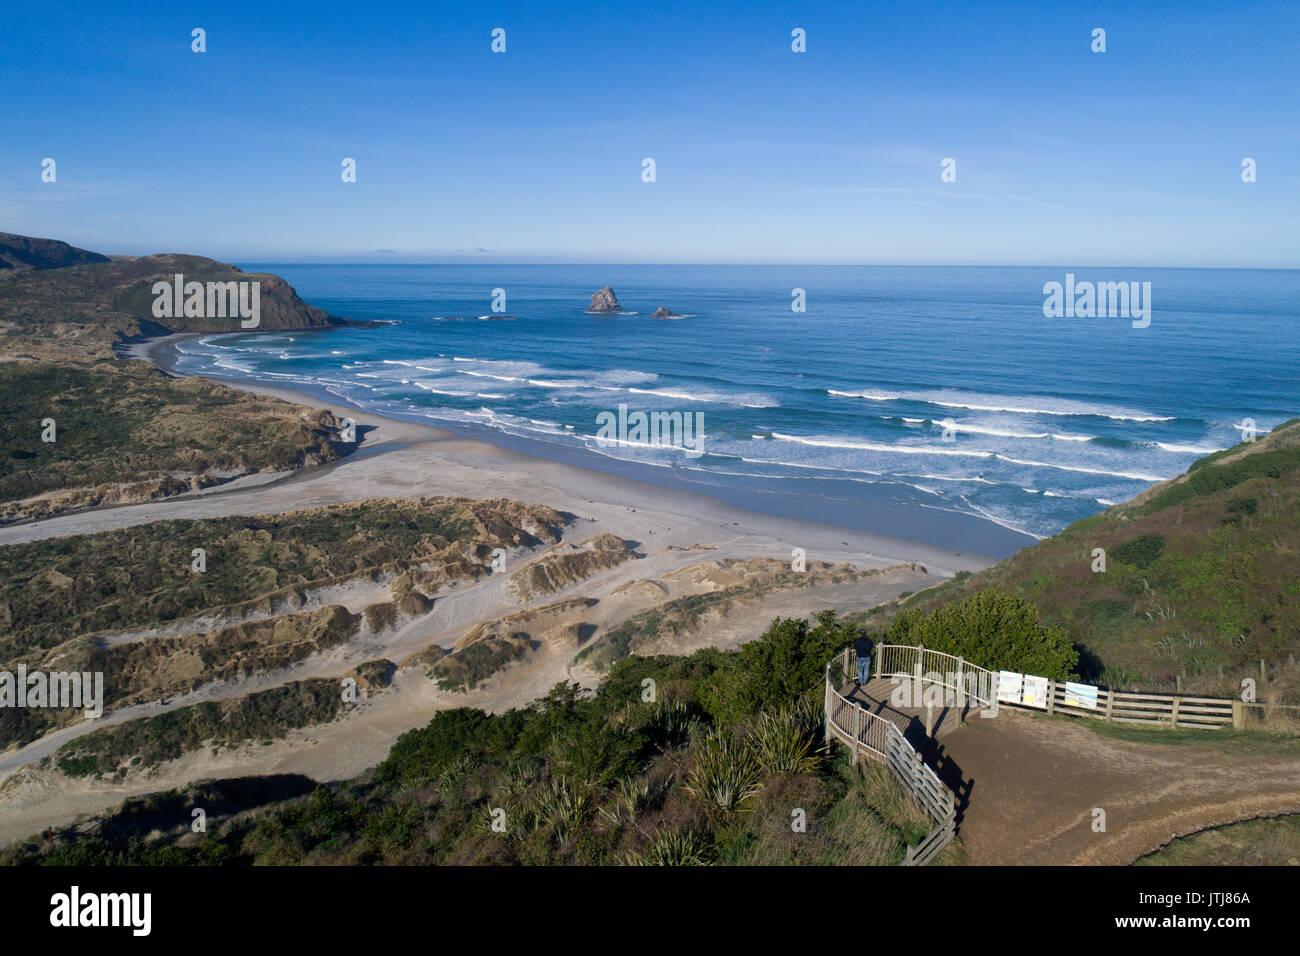 Sur la baie de phlébotome, péninsule d'Otago, Dunedin, Otago, île du Sud, Nouvelle-Zélande - Antenne de drone Photo Stock